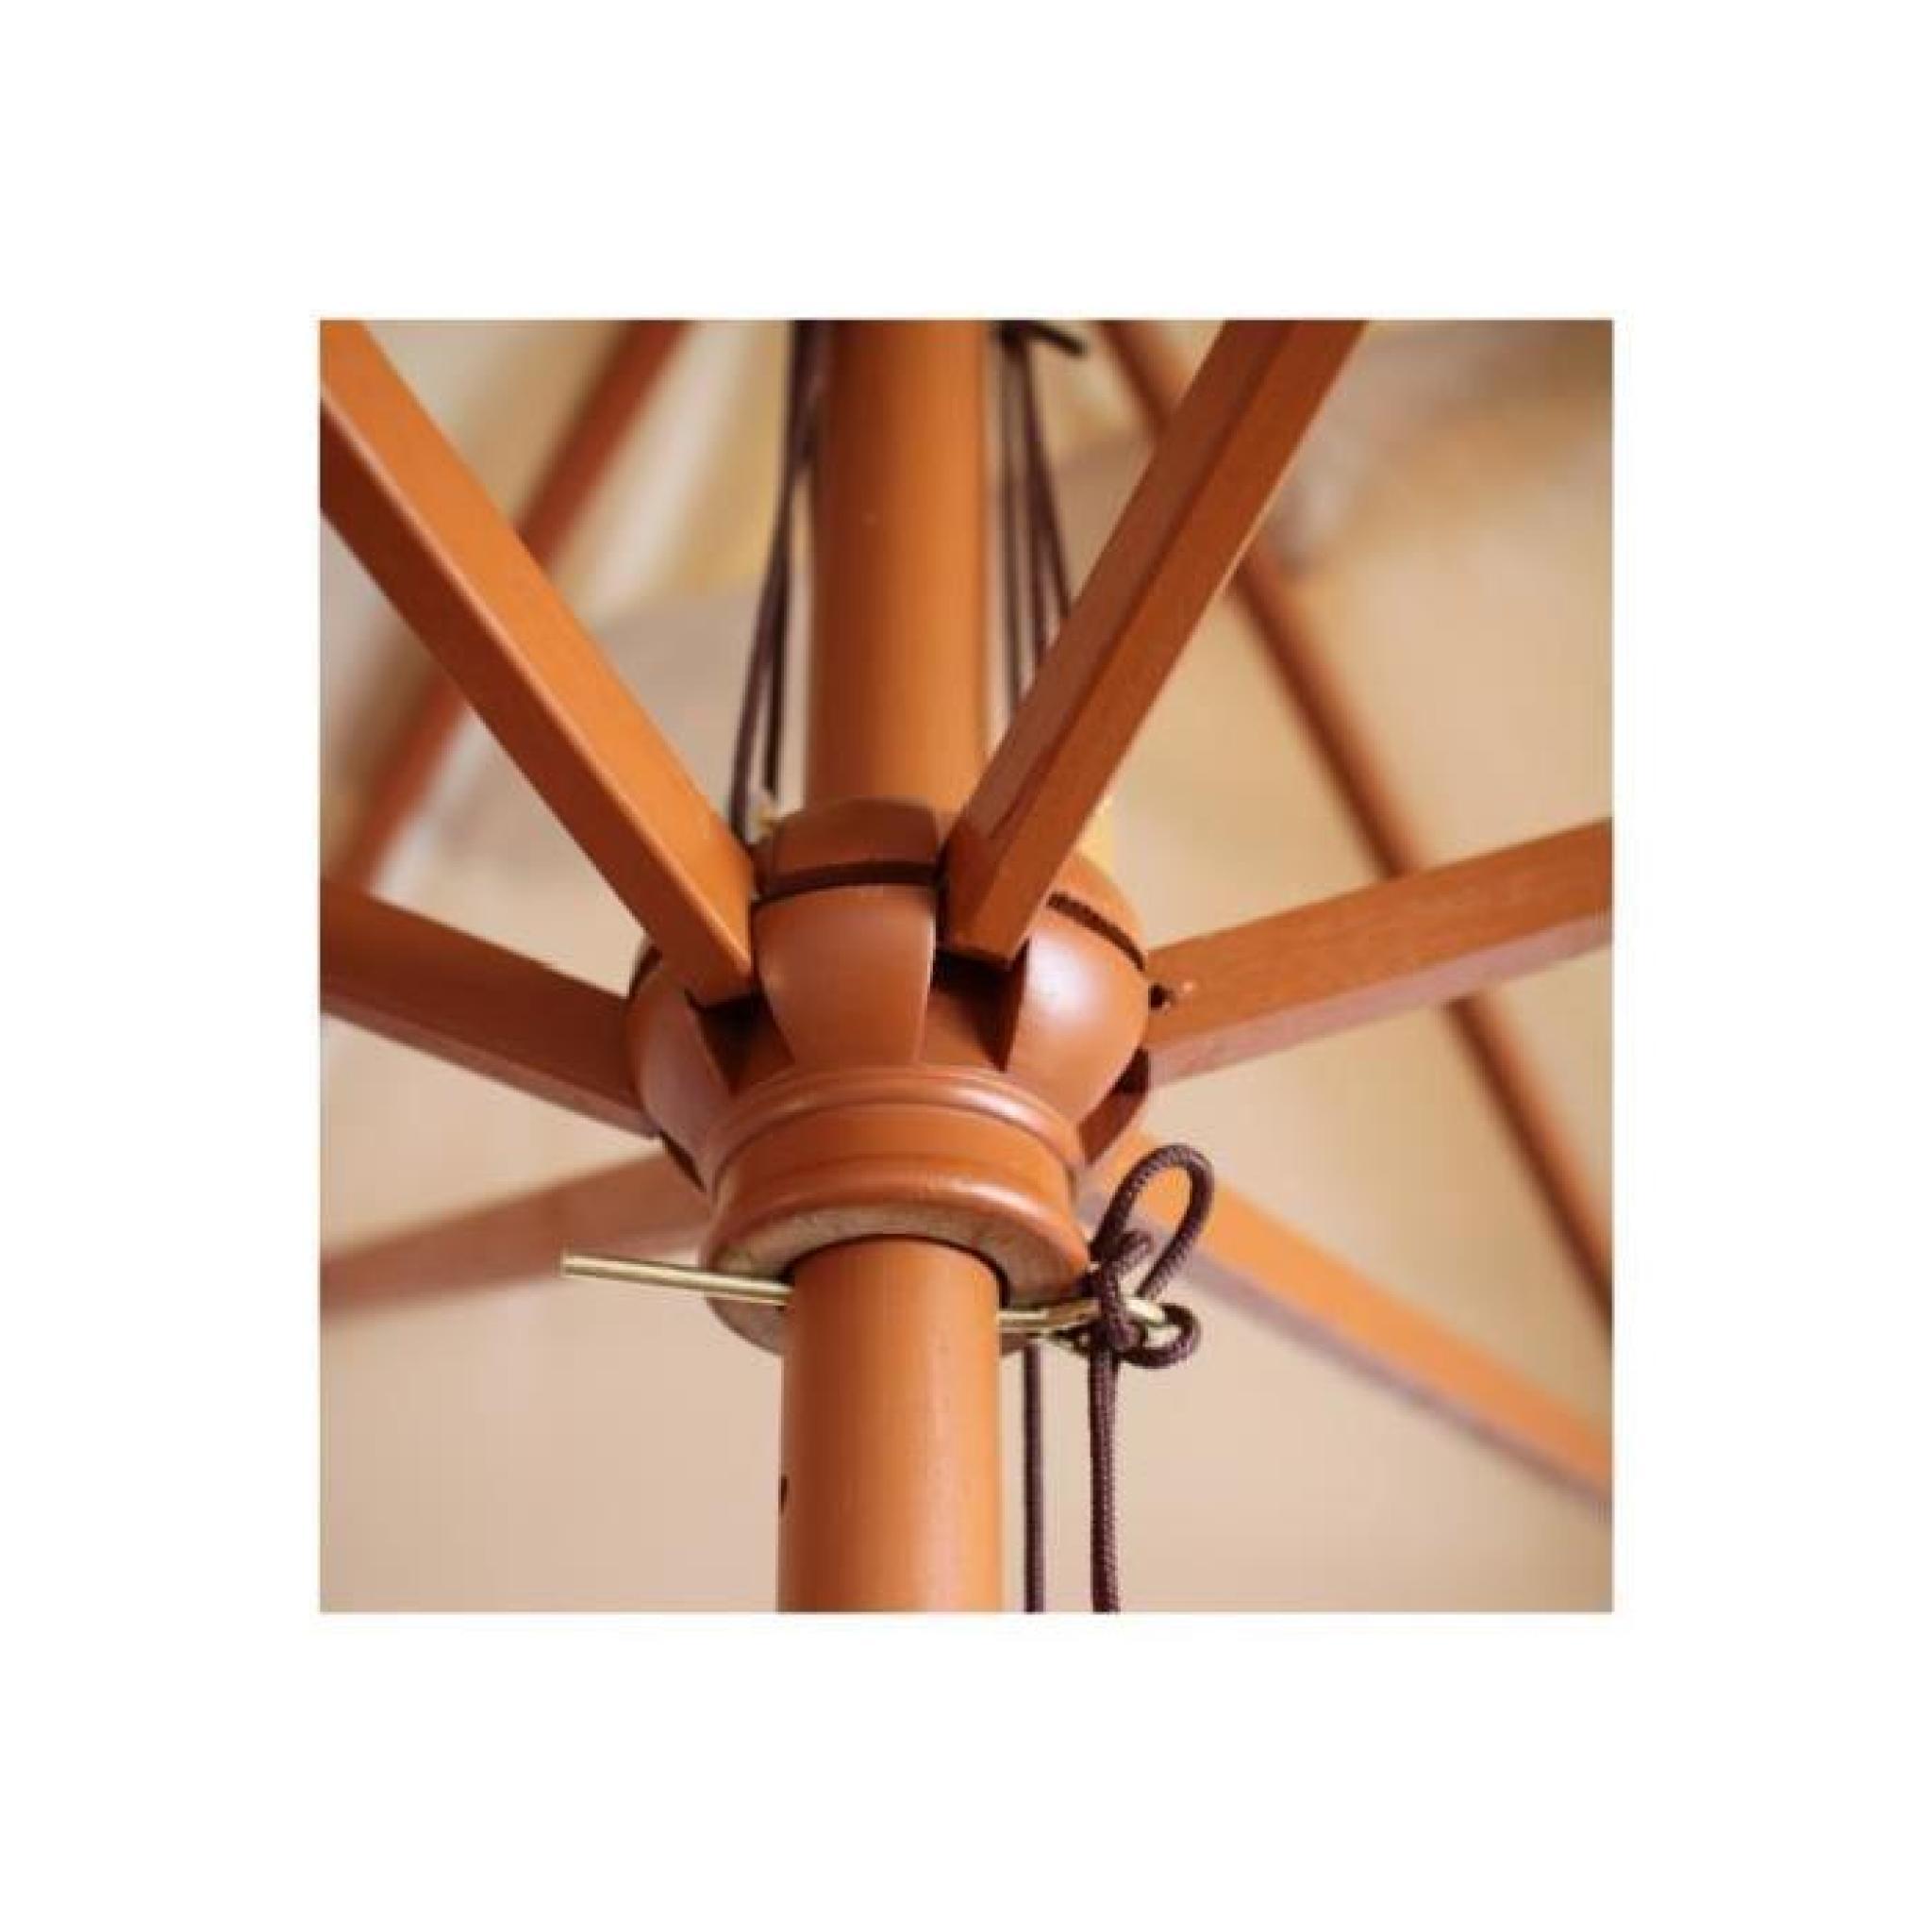 parapluie bois parasol 2x3m rectangulaire cr me. Black Bedroom Furniture Sets. Home Design Ideas